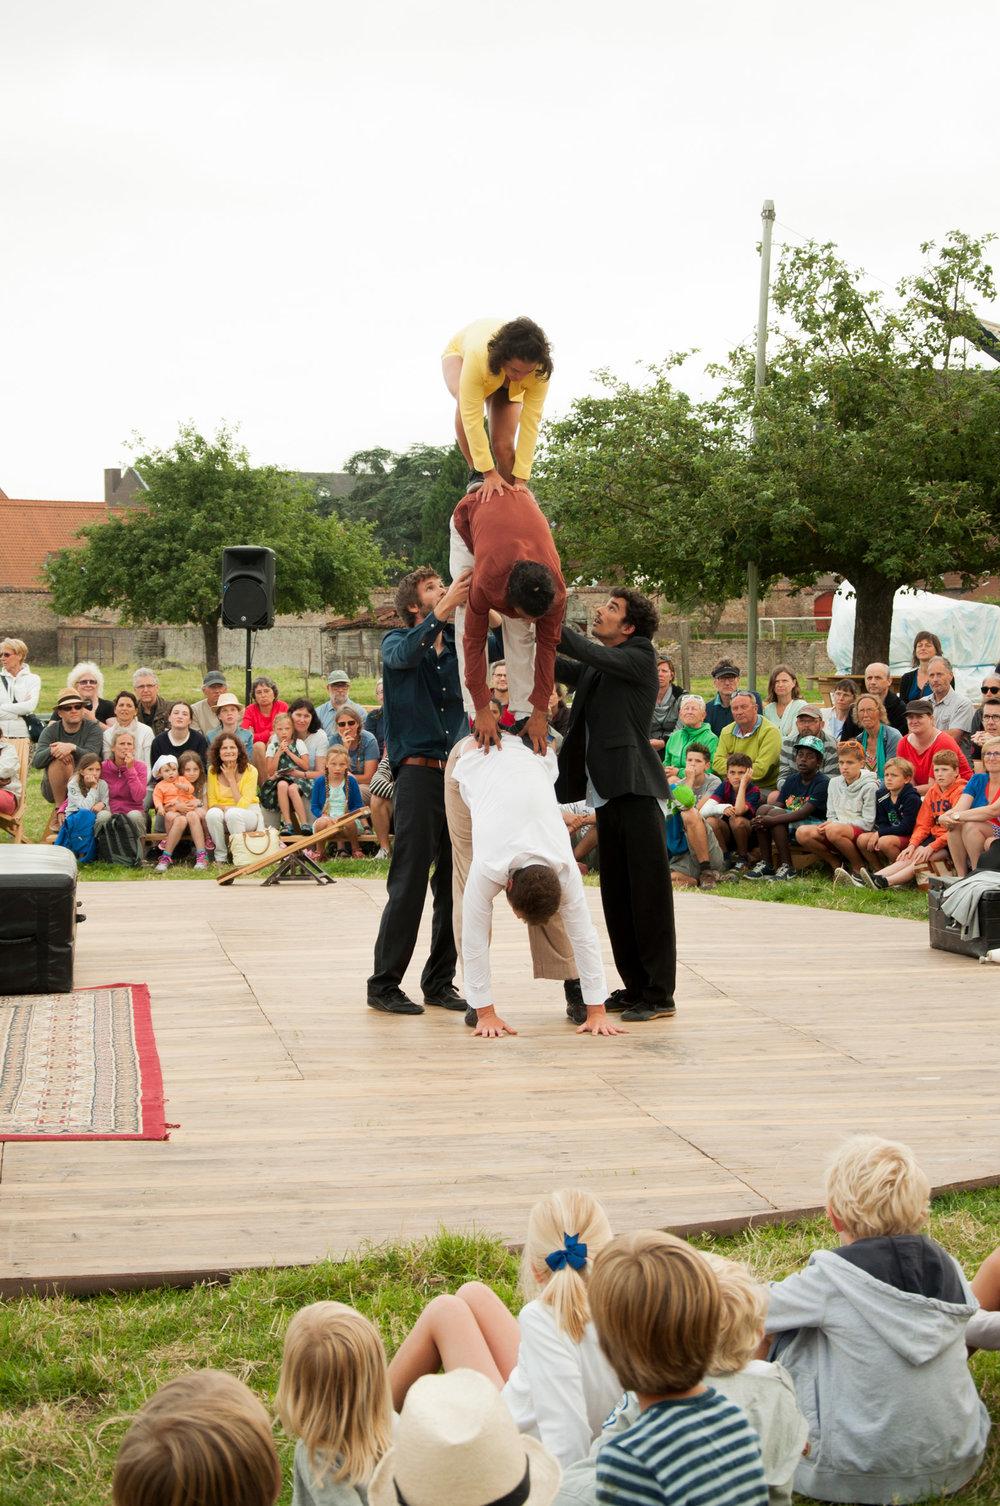 Cirque-Plus-_-vrijdag-20.jpg